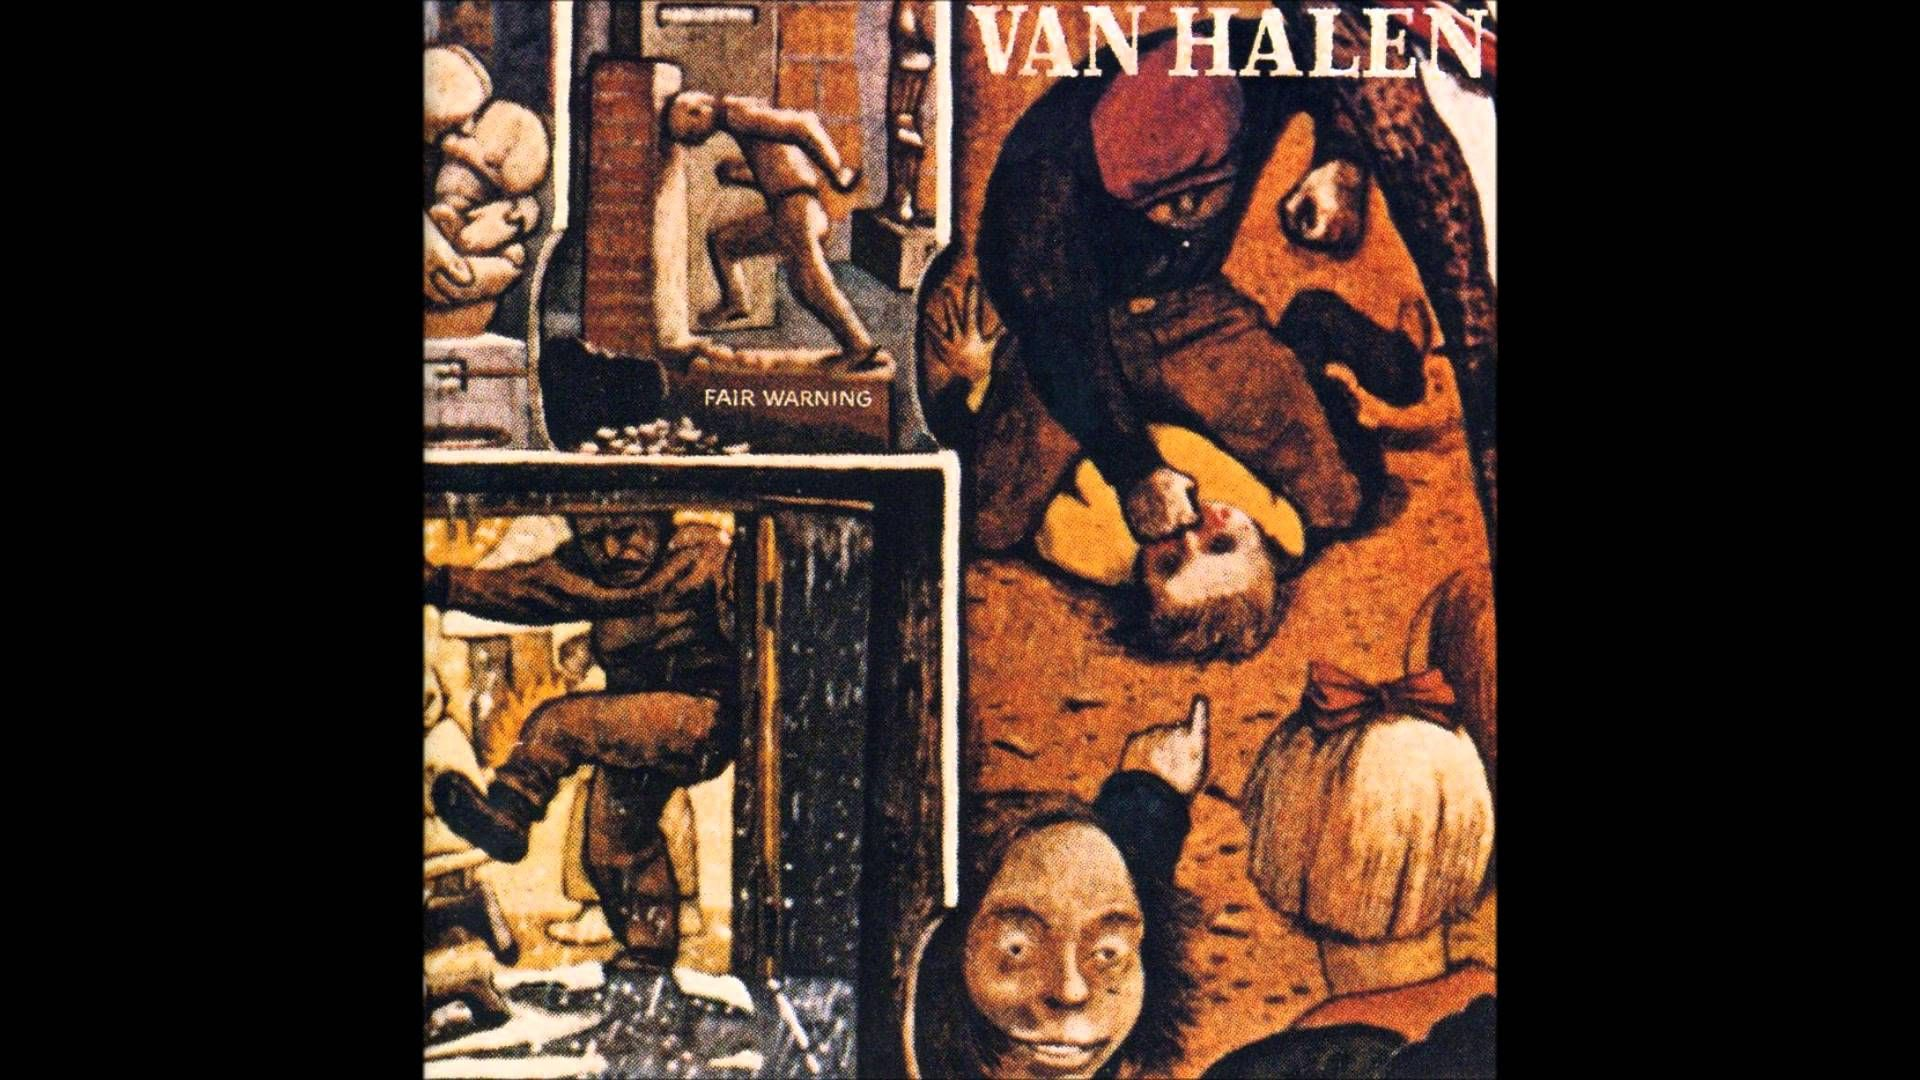 Van Halen Fair Warning Full Album 1981 Van Halen Fair Warning Eddie Van Halen Van Halen